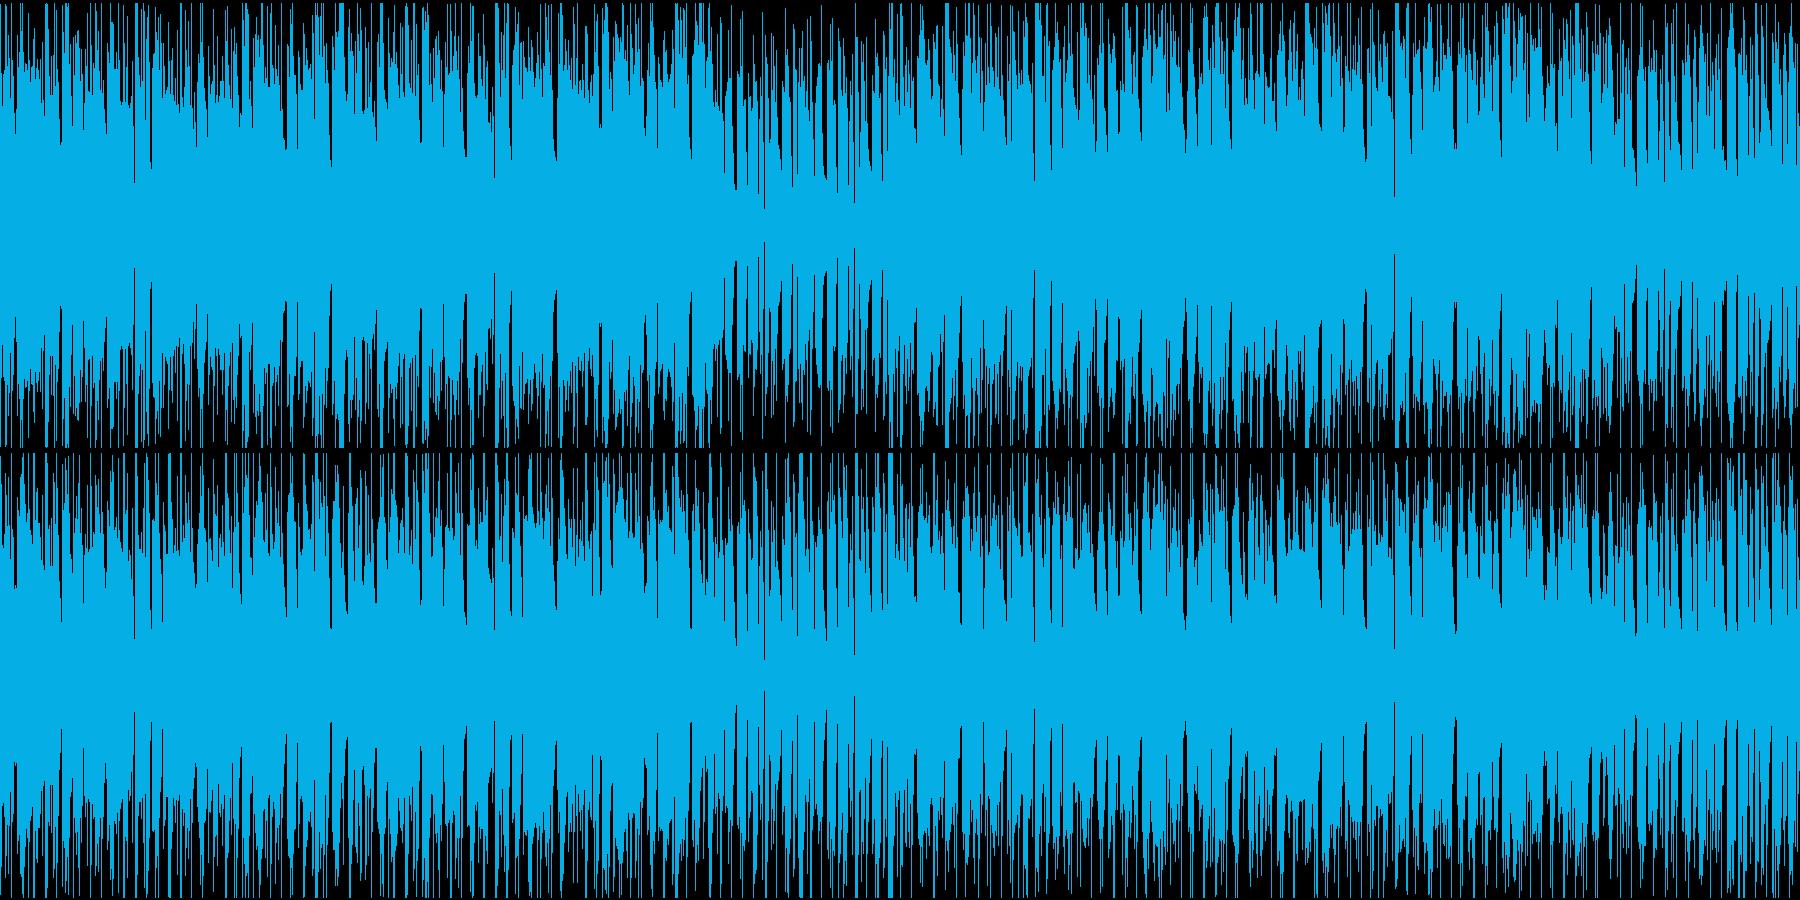 ほのぼのとした雰囲気のポップス ループ可の再生済みの波形